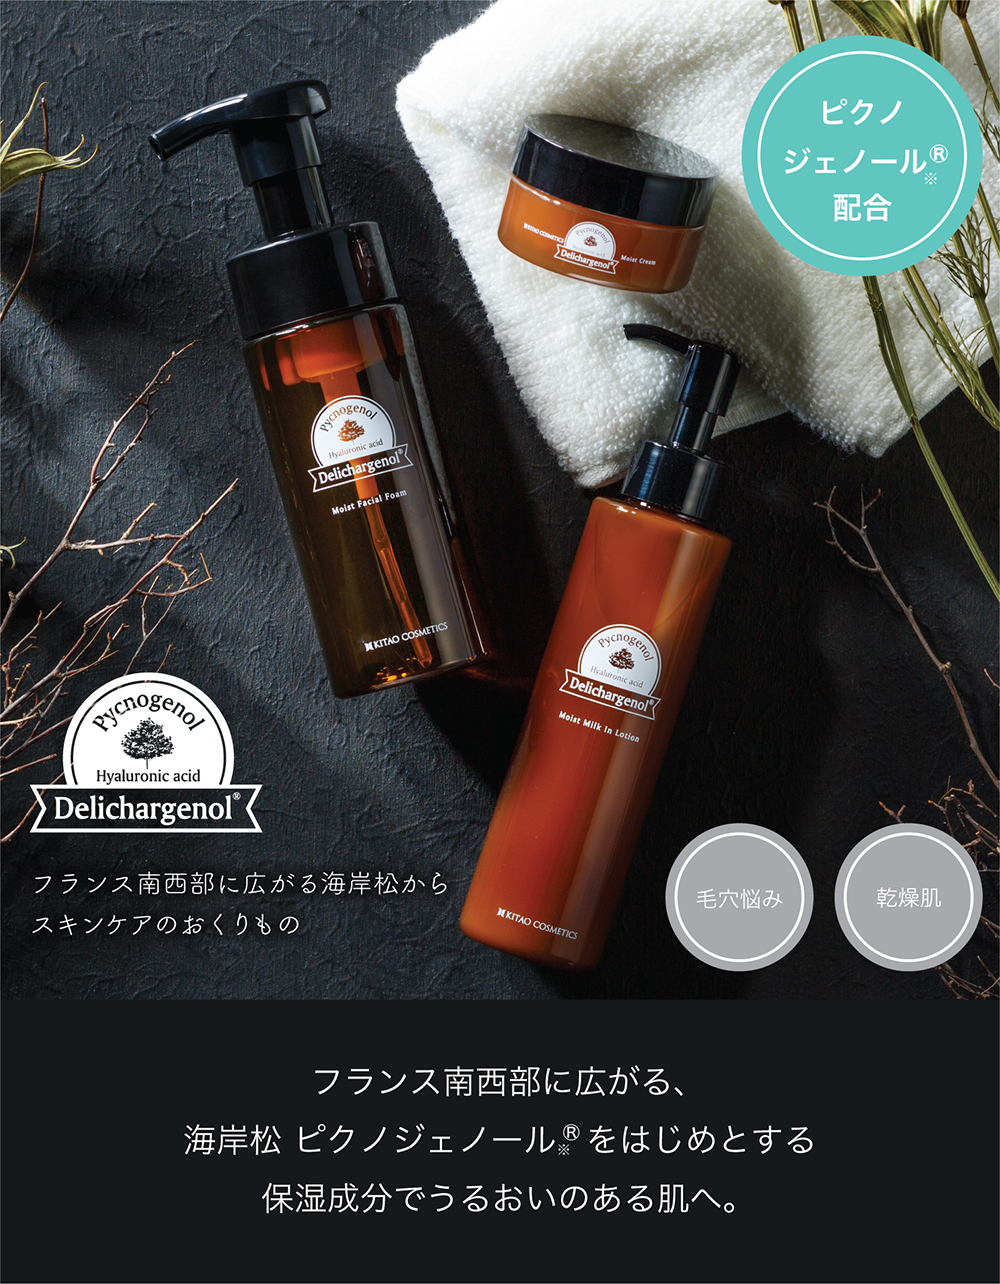 北尾化粧品部 オンラインストア デリチャージェノール 詰替用 モイストフェイシャルフォーム